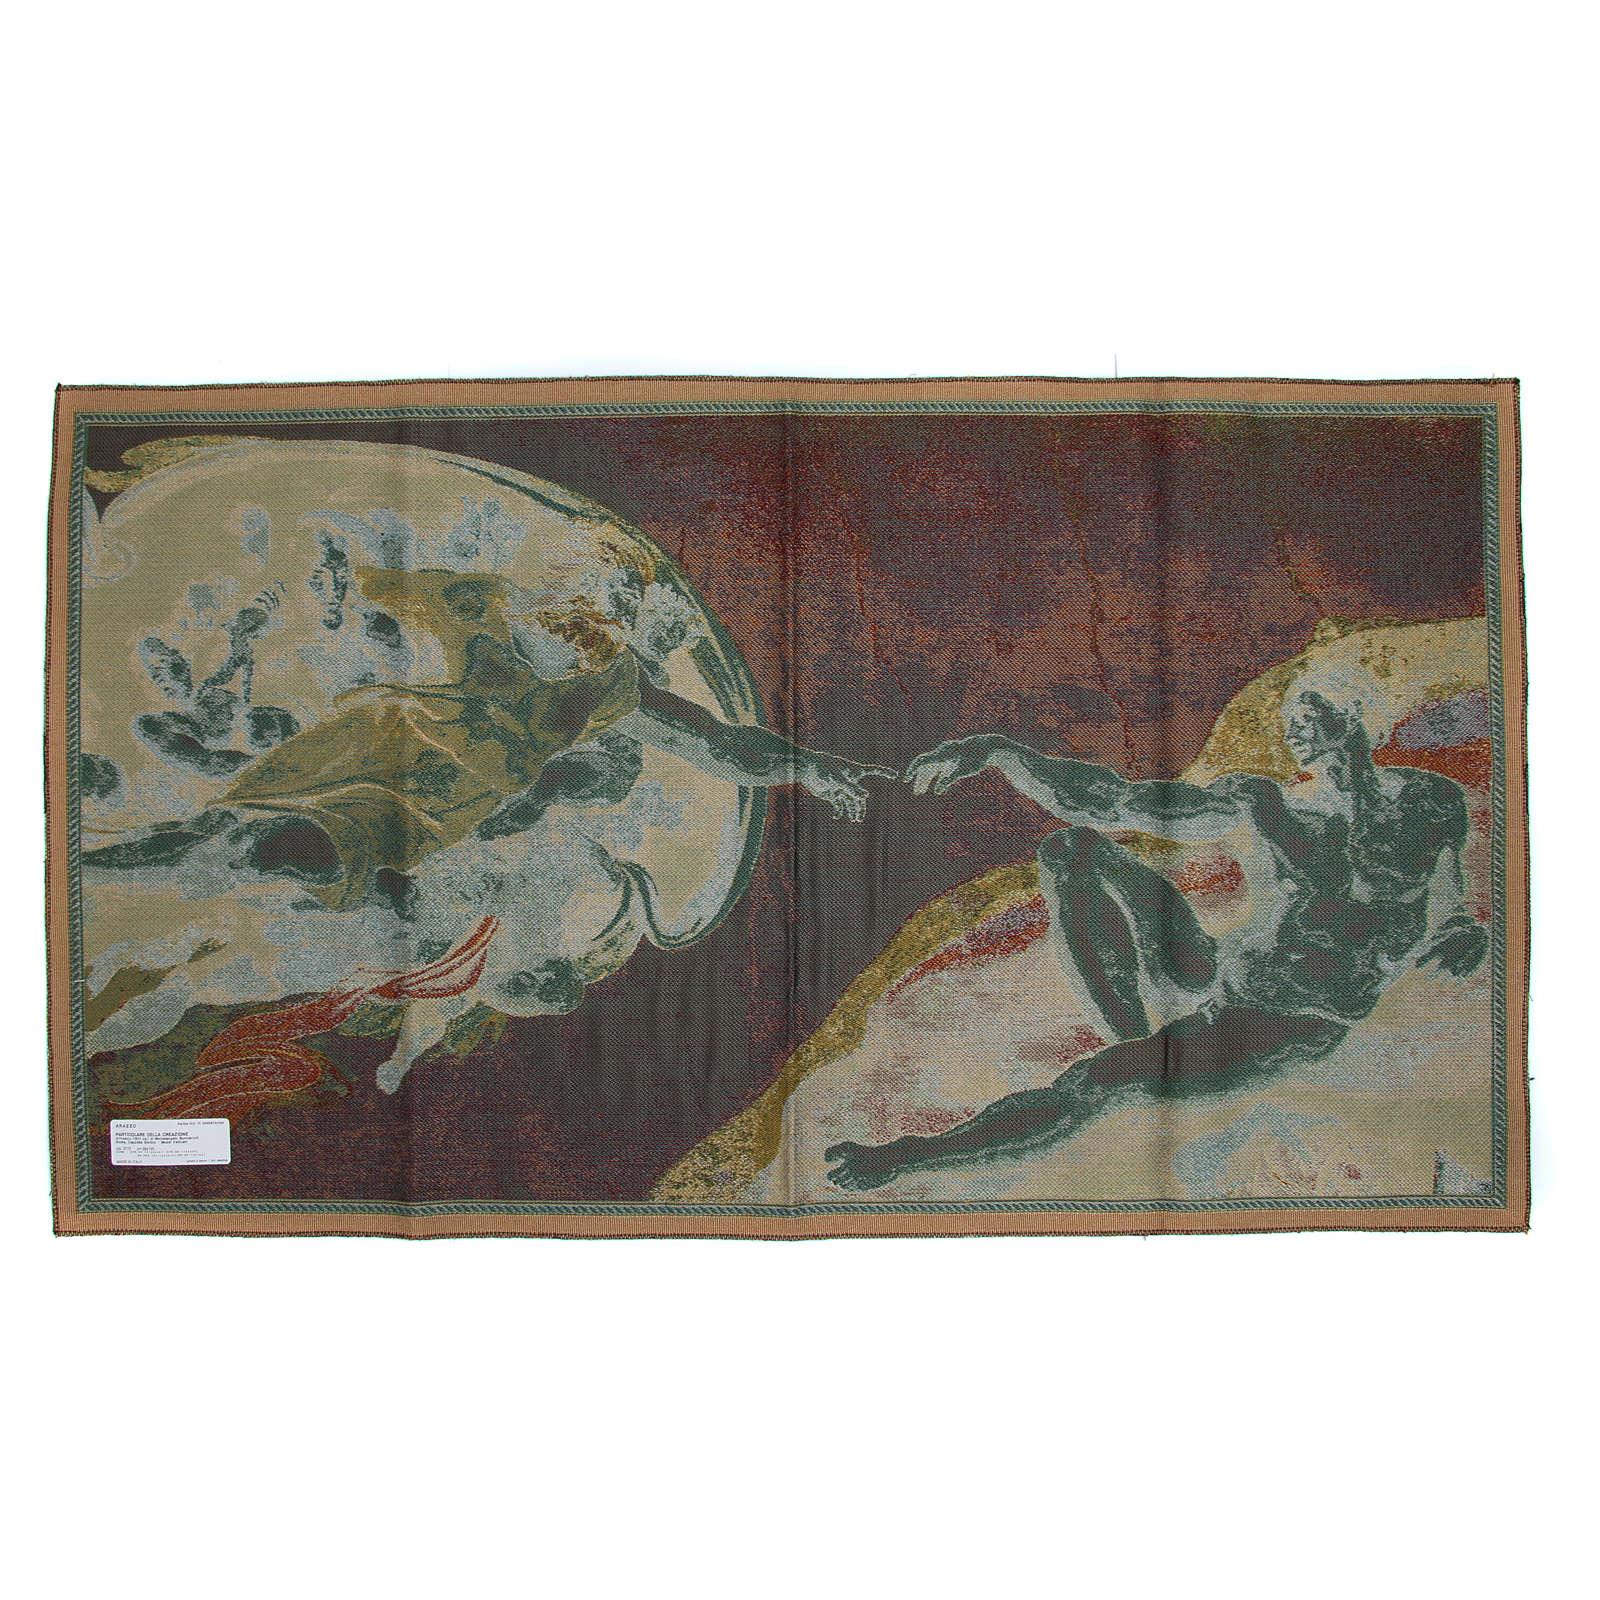 Wandteppich Die Erschaffung Adams nach Michelangelo Buonarroti 65x125cm 3